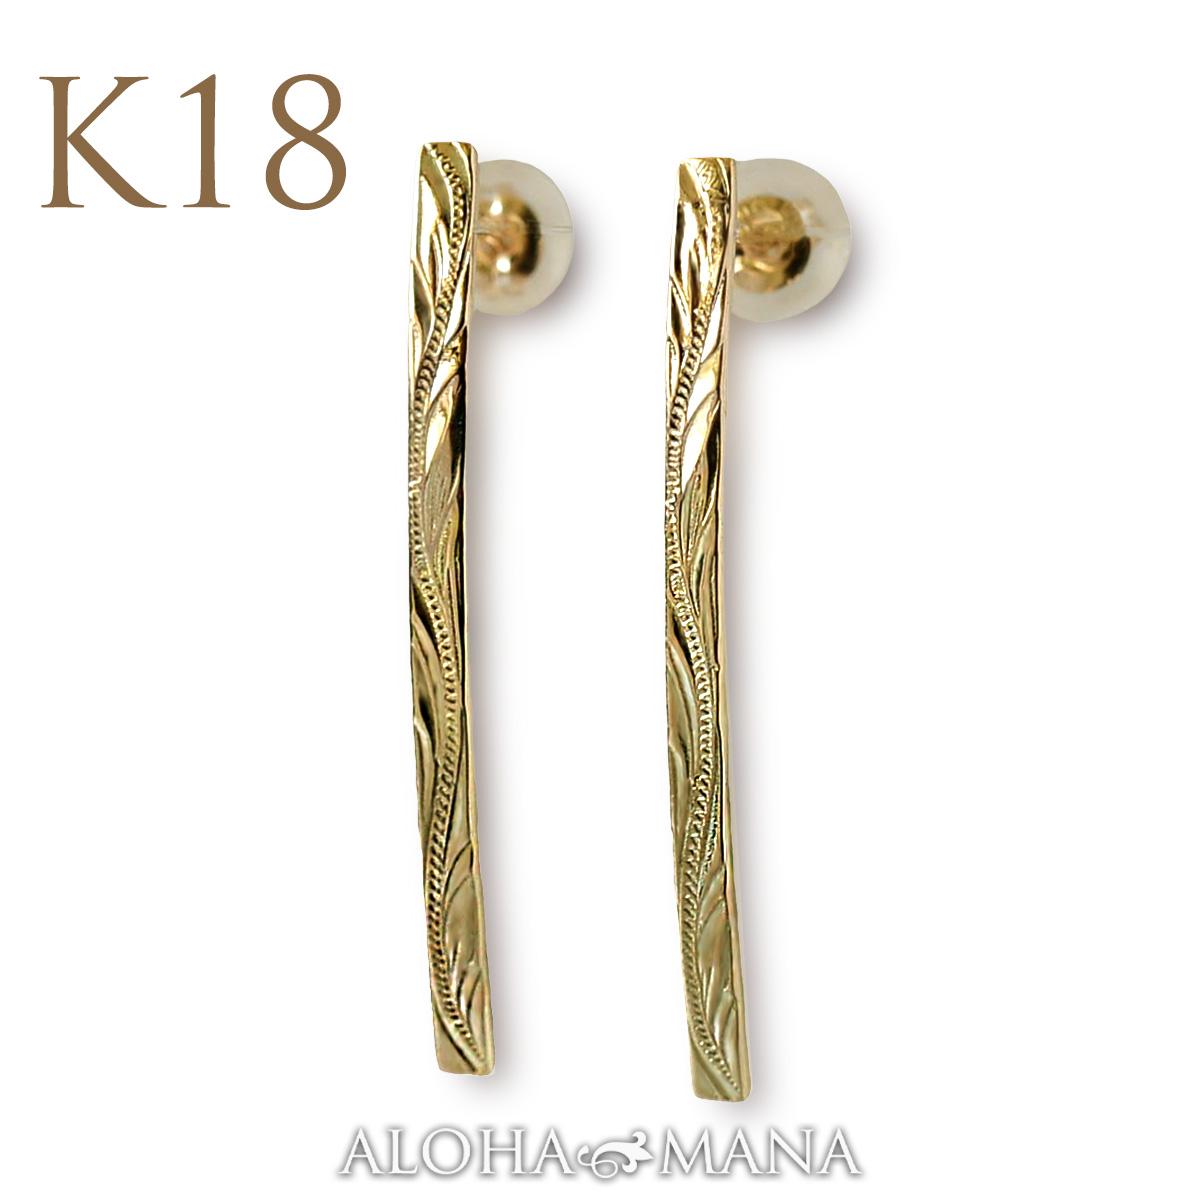 ピアス ハワイアンジュエリー レディース 女性 (K18 ゴールド 18金 18k) スクロール カーヴ バー ポストピアス イエローゴールド ape1387ae/